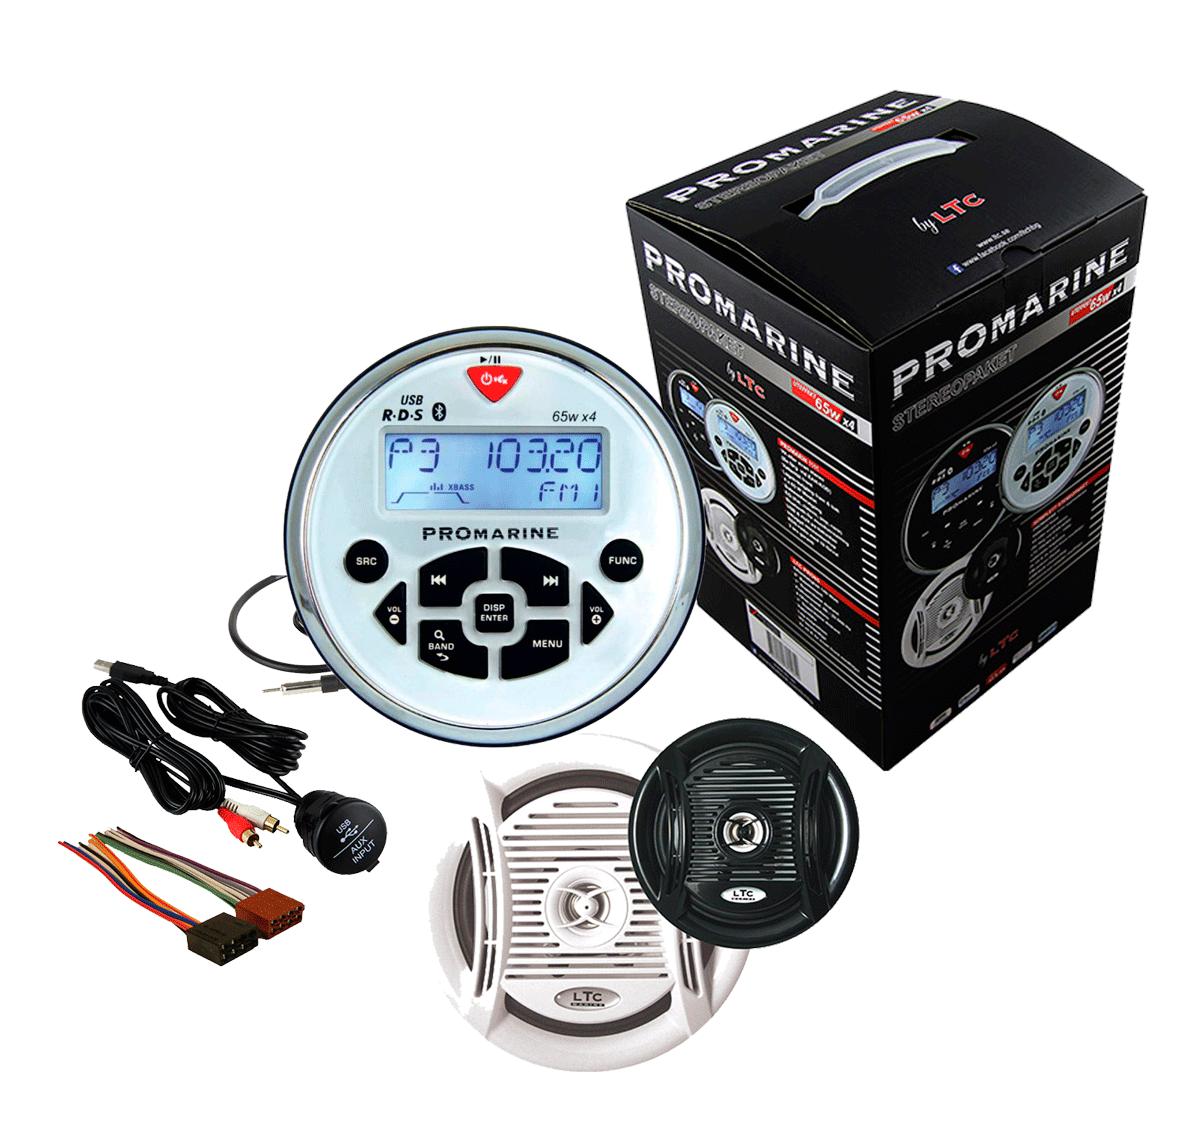 Radio música promarine 1111 kit